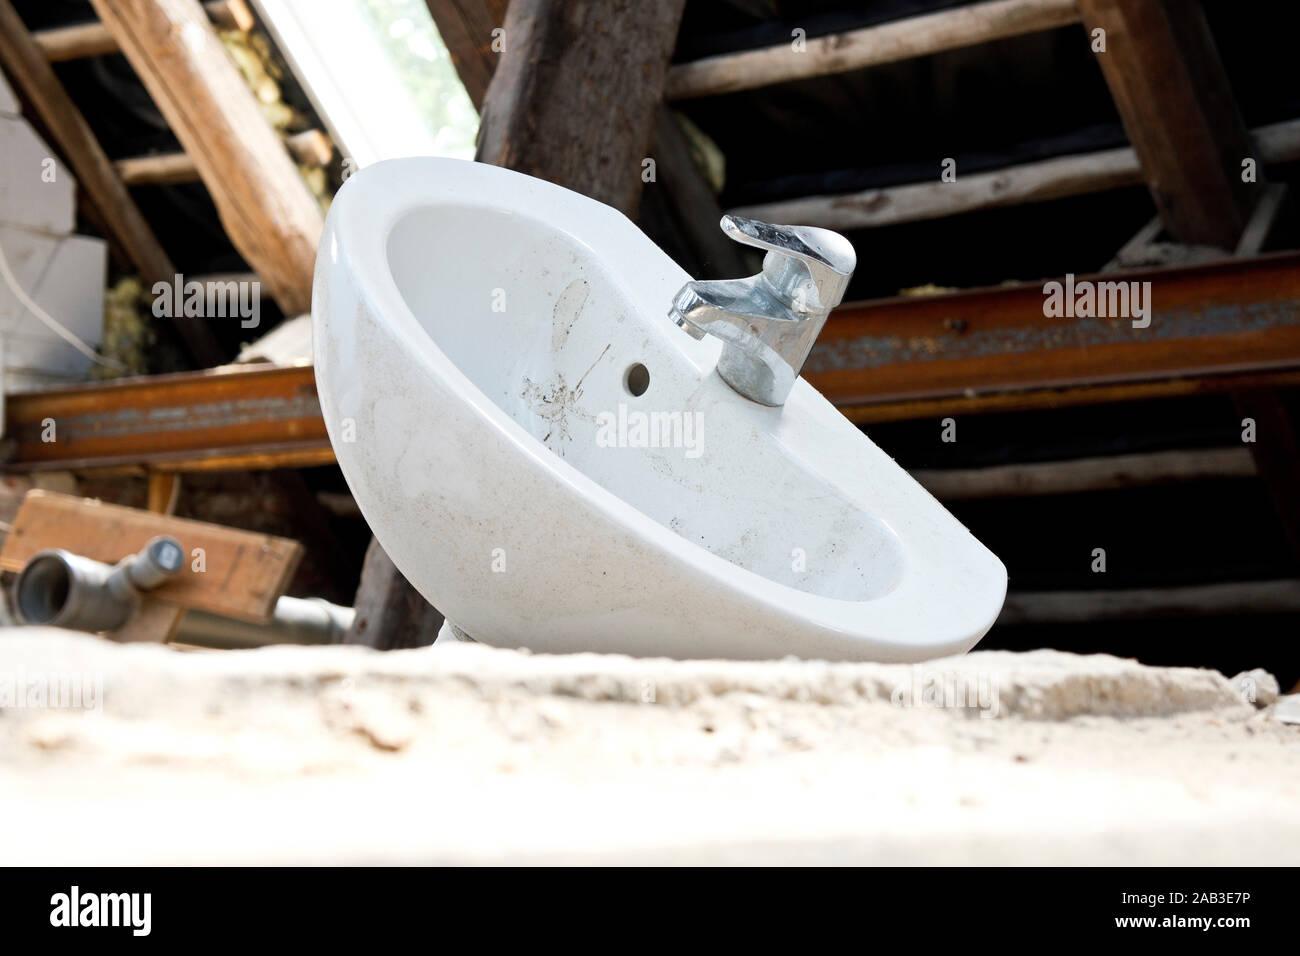 Ein Waschbecken mit Wasserhahn auf dem Fußboden in einem Abrisshaus |A sink with faucet on the floor in a demolition house| Stock Photo